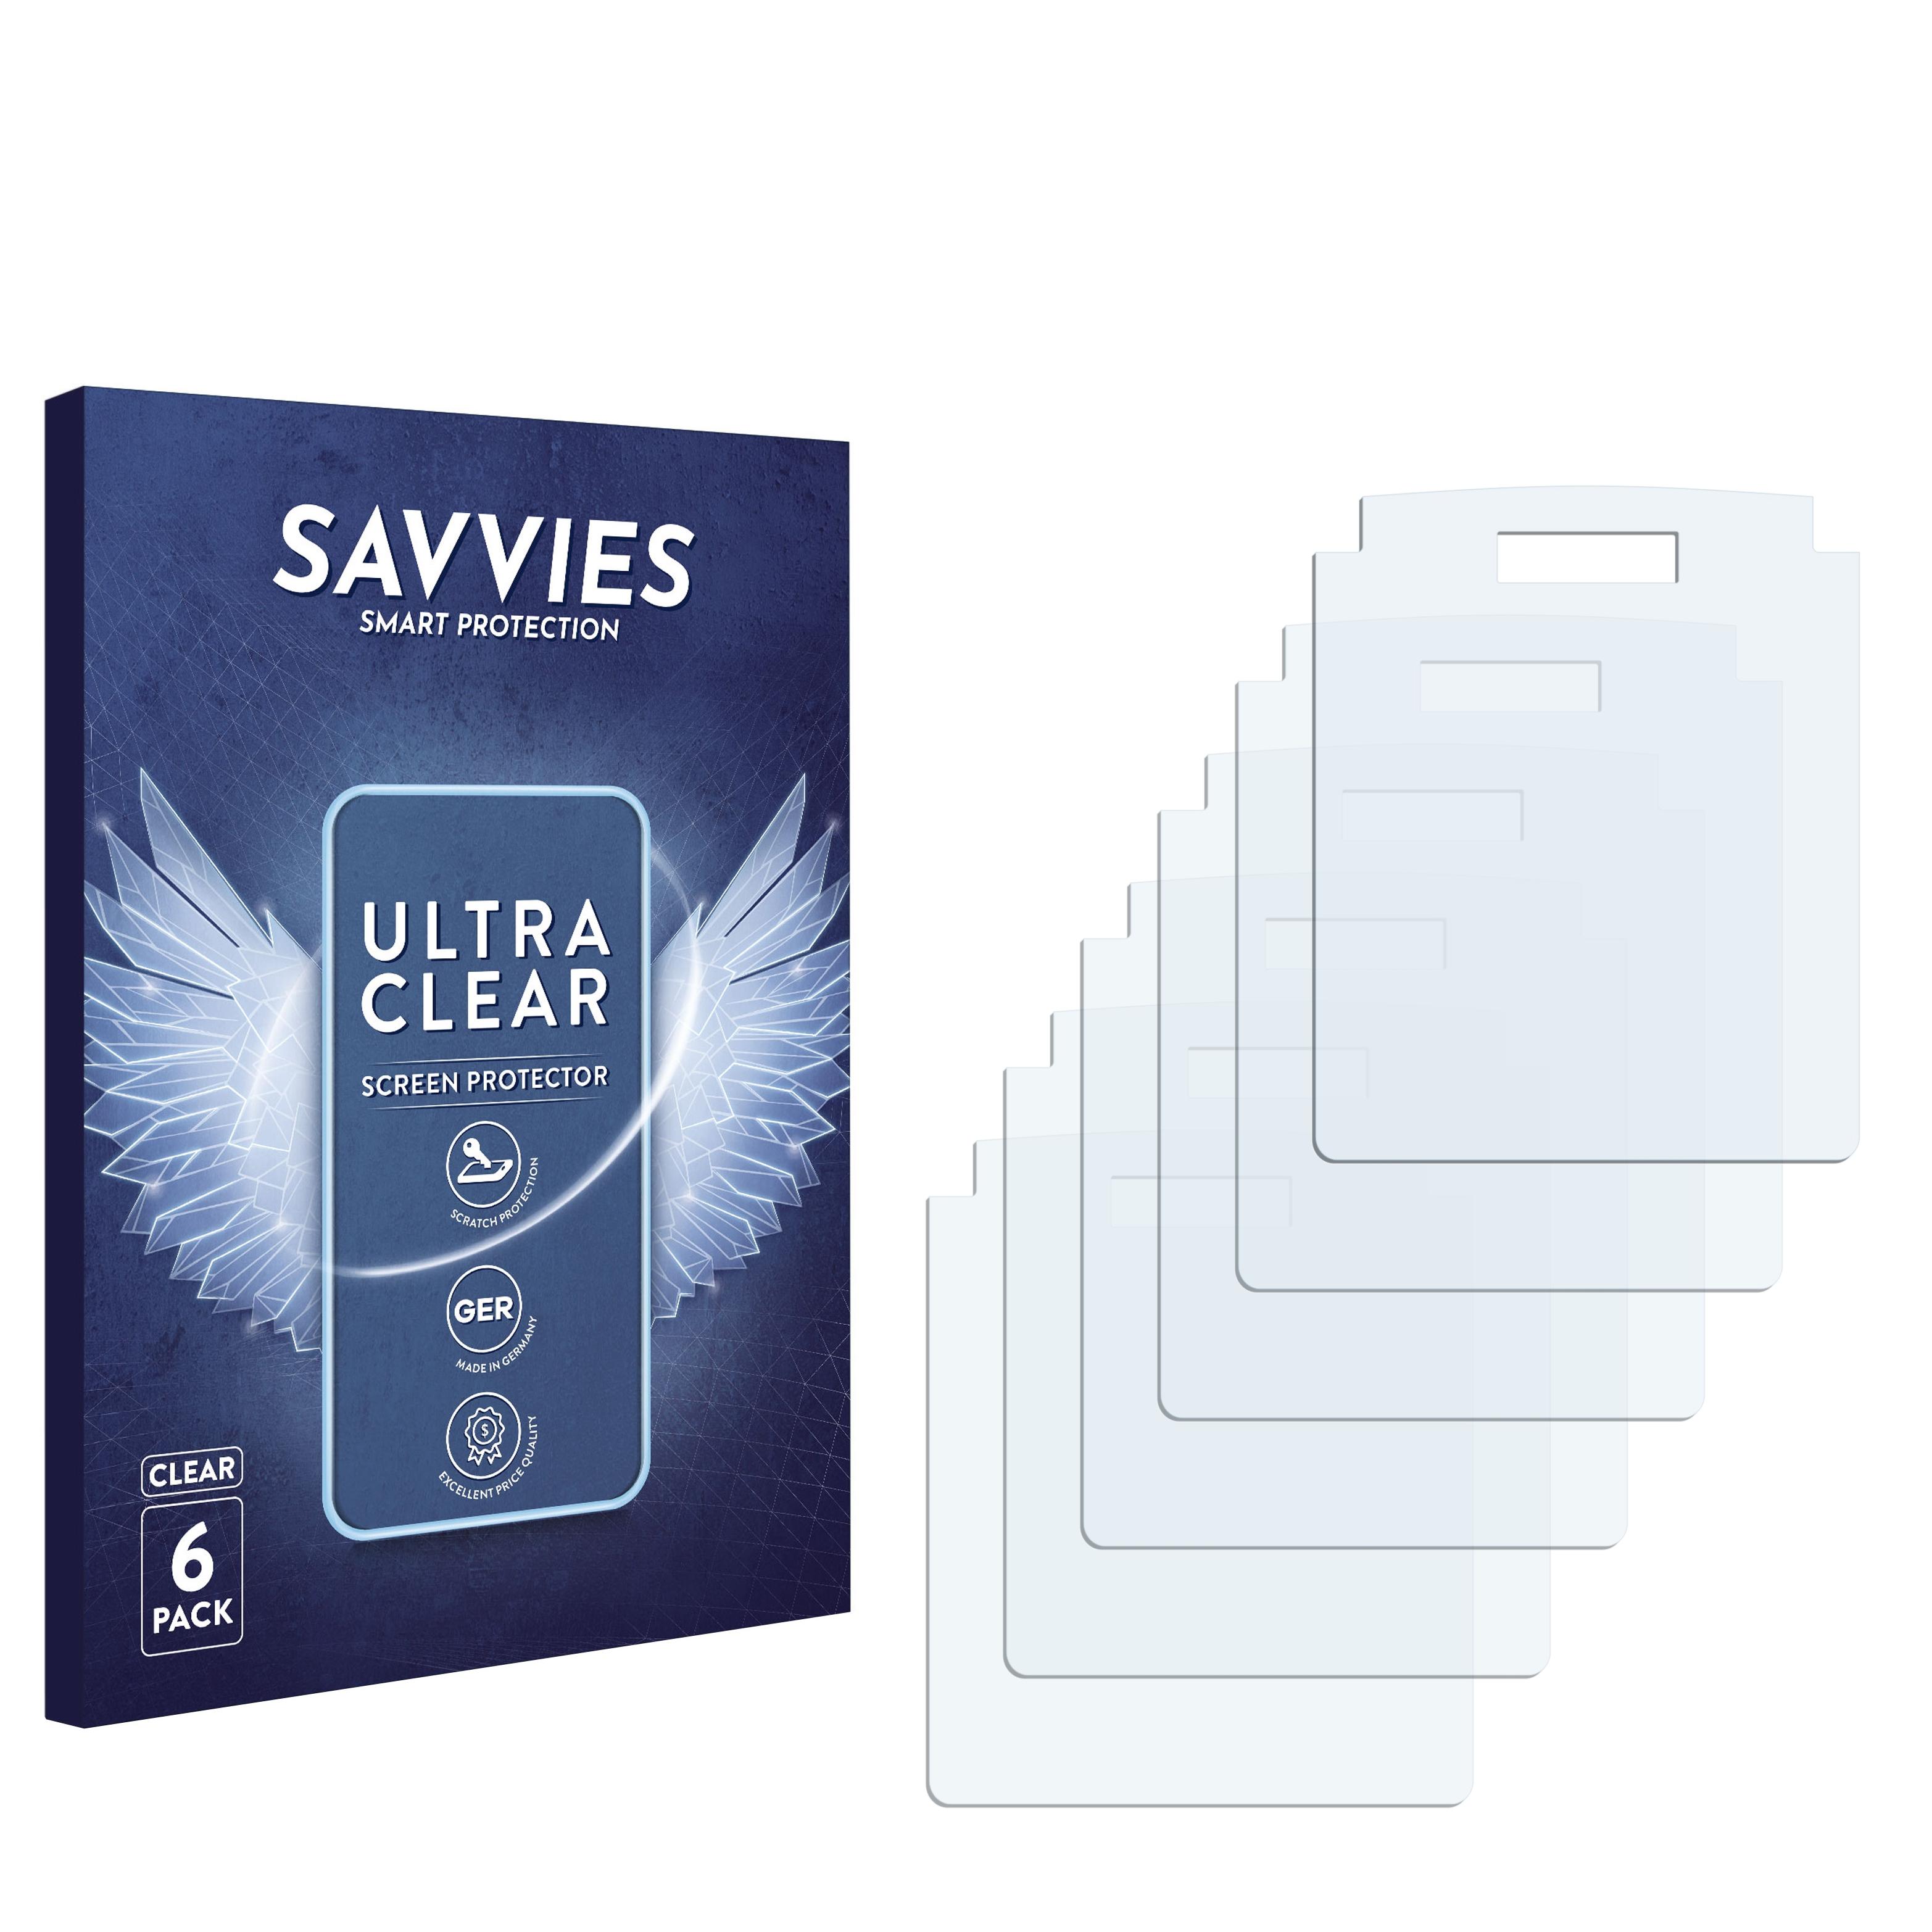 Ochranná fólie Savvies na LG Electronics HB620-T, 6ks